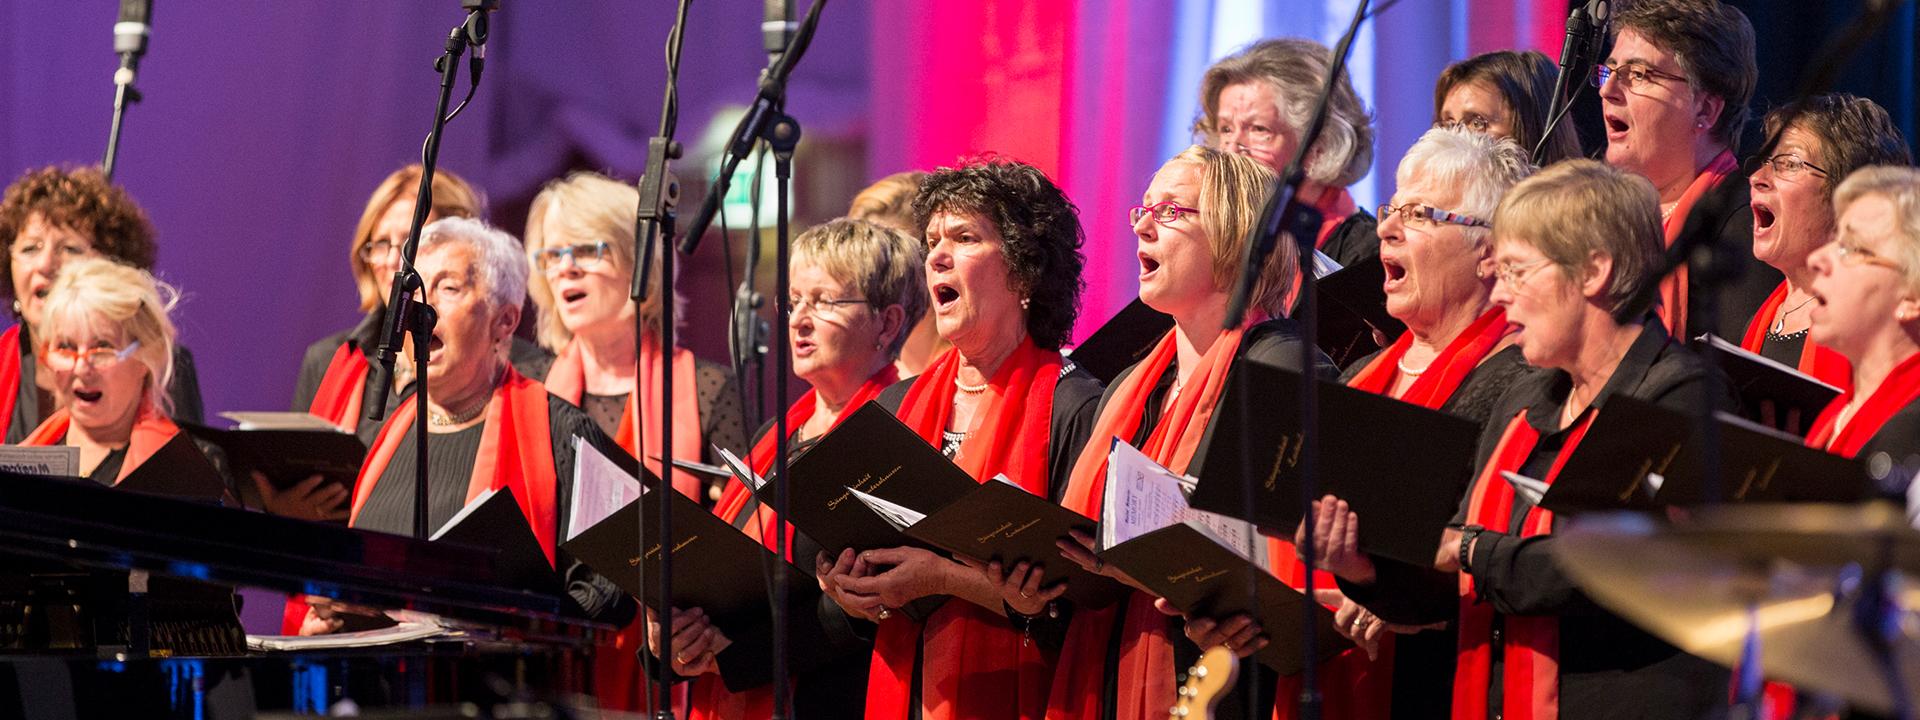 Auftritt des Frauenchors